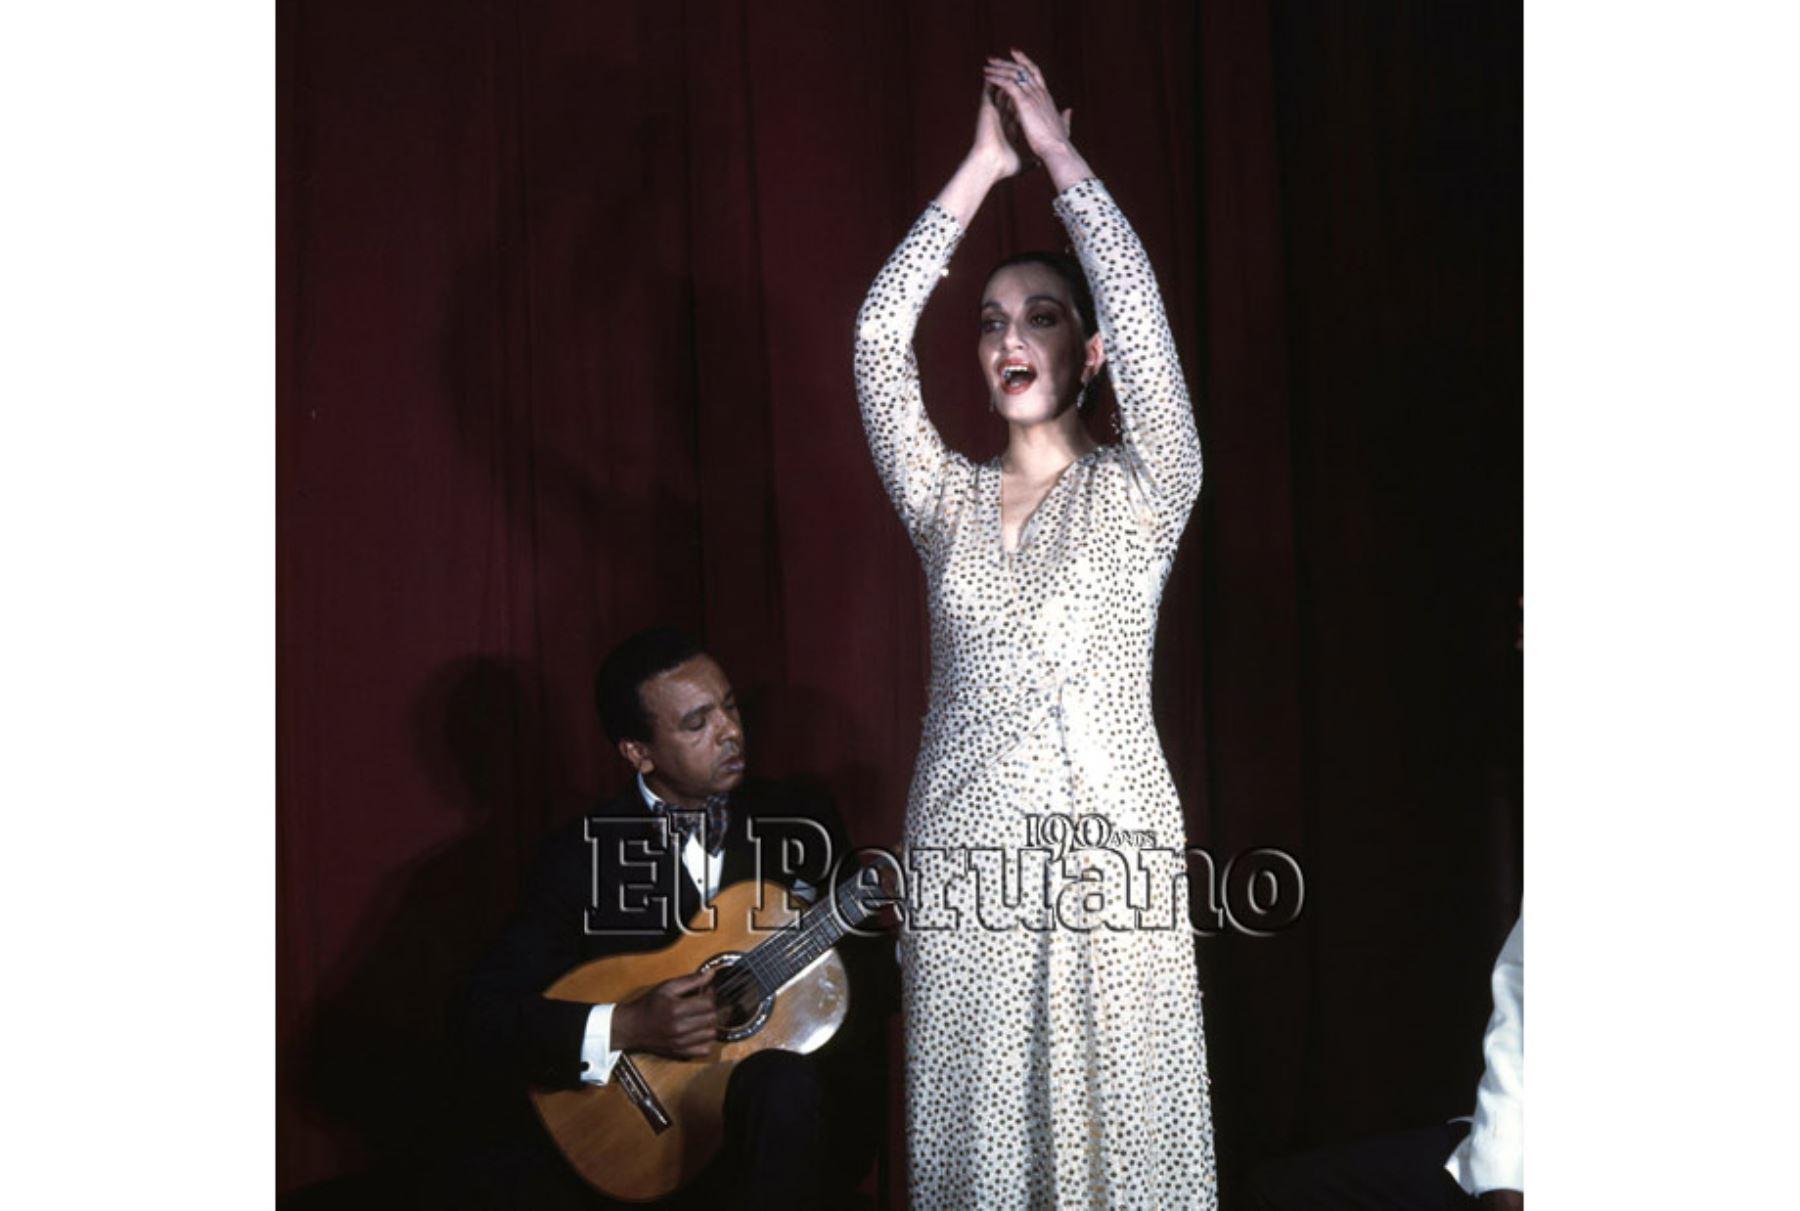 Lima - 13 junio 1976 / Alicia Maguiña y Carlos Hayre. Foto: Archivo Histórico El Peruano